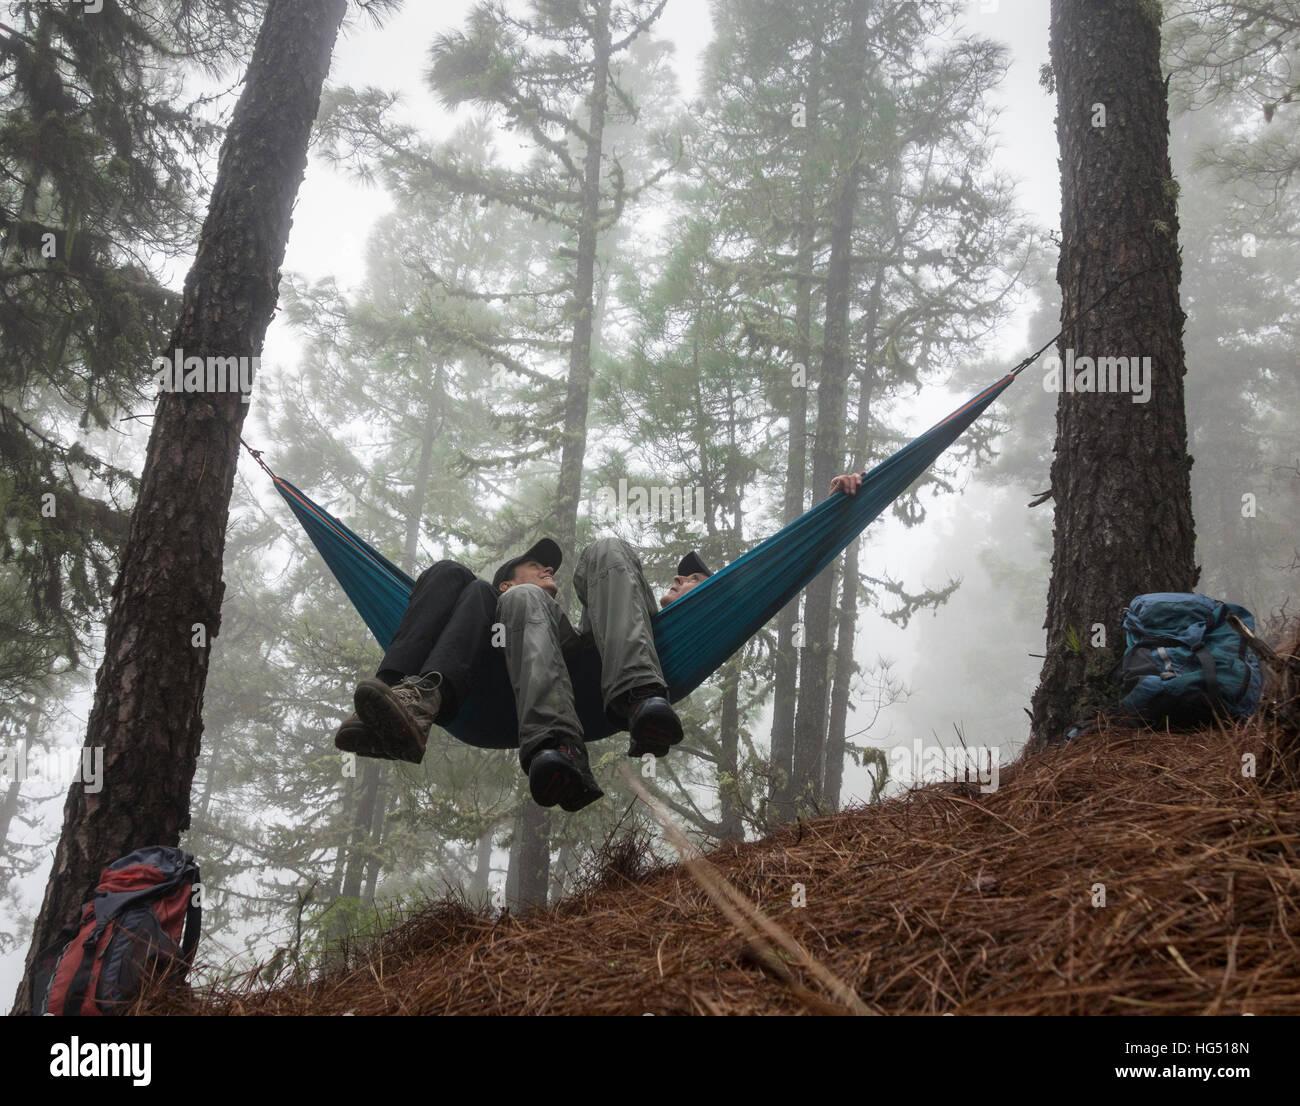 Coppia matura escursioni, per rilassarsi in un'amaca in misty foresta di pini. Immagini Stock